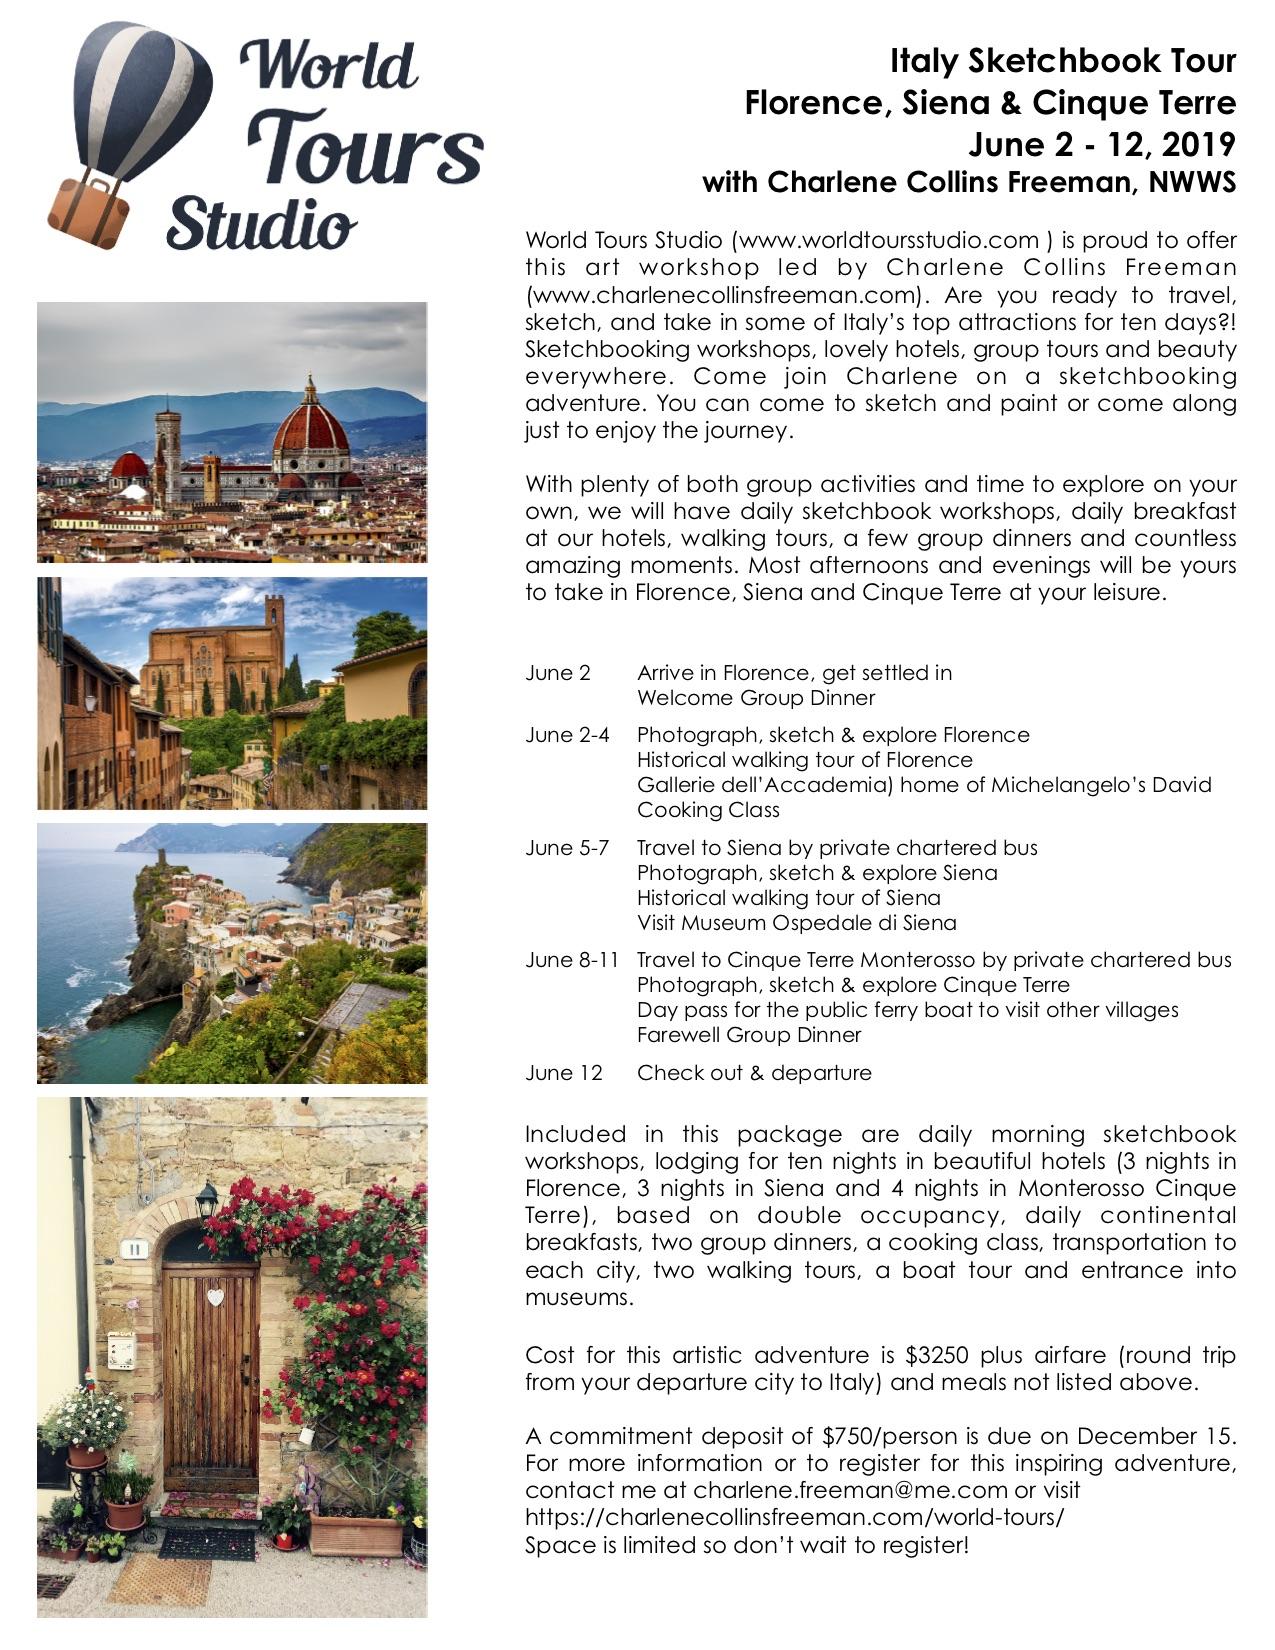 Sketchbook Tour Italy 2019.jpg